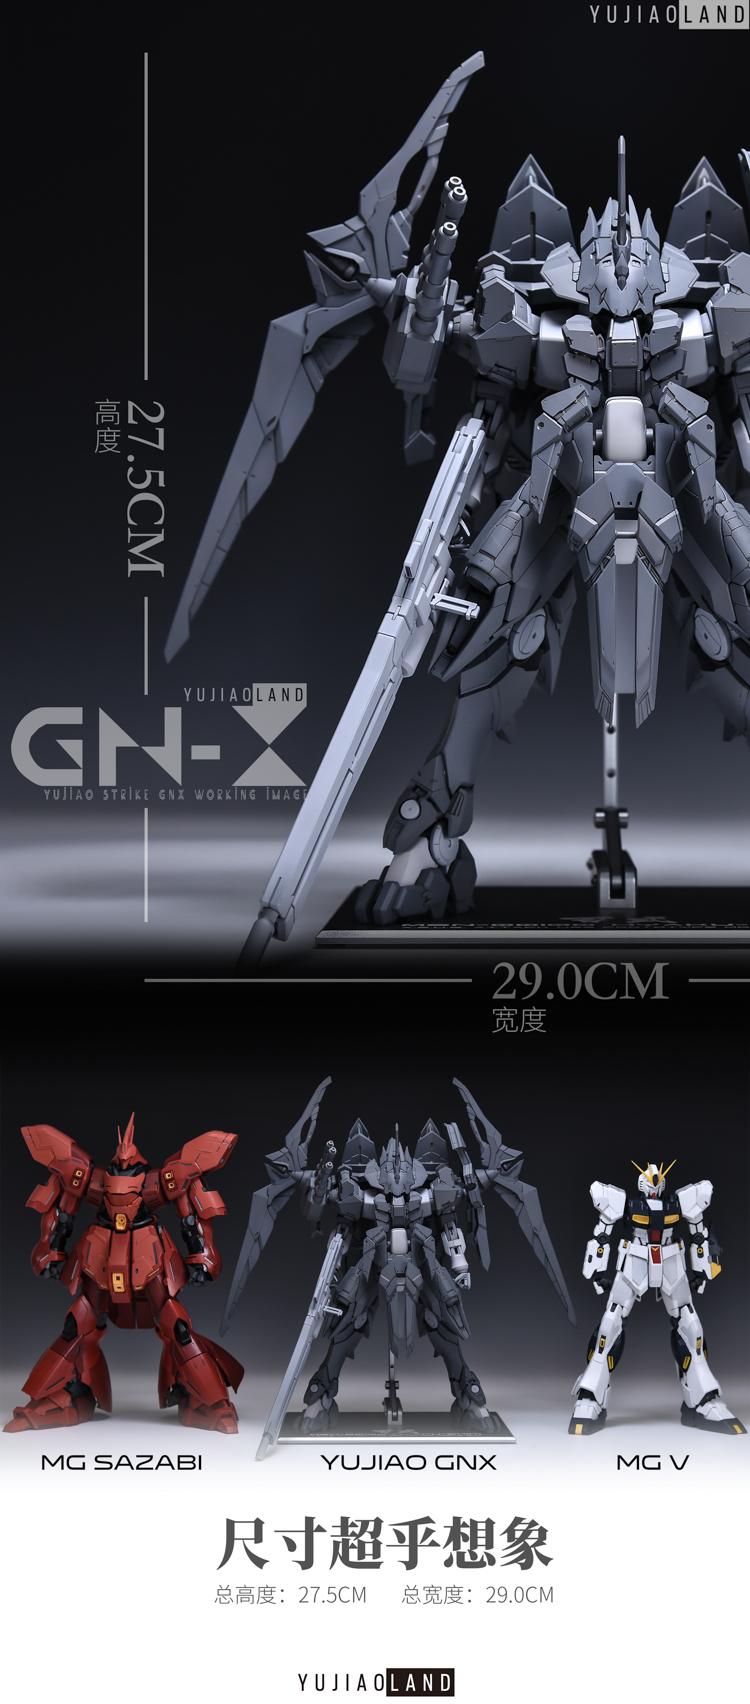 0G718_GN_X_info_002.jpg